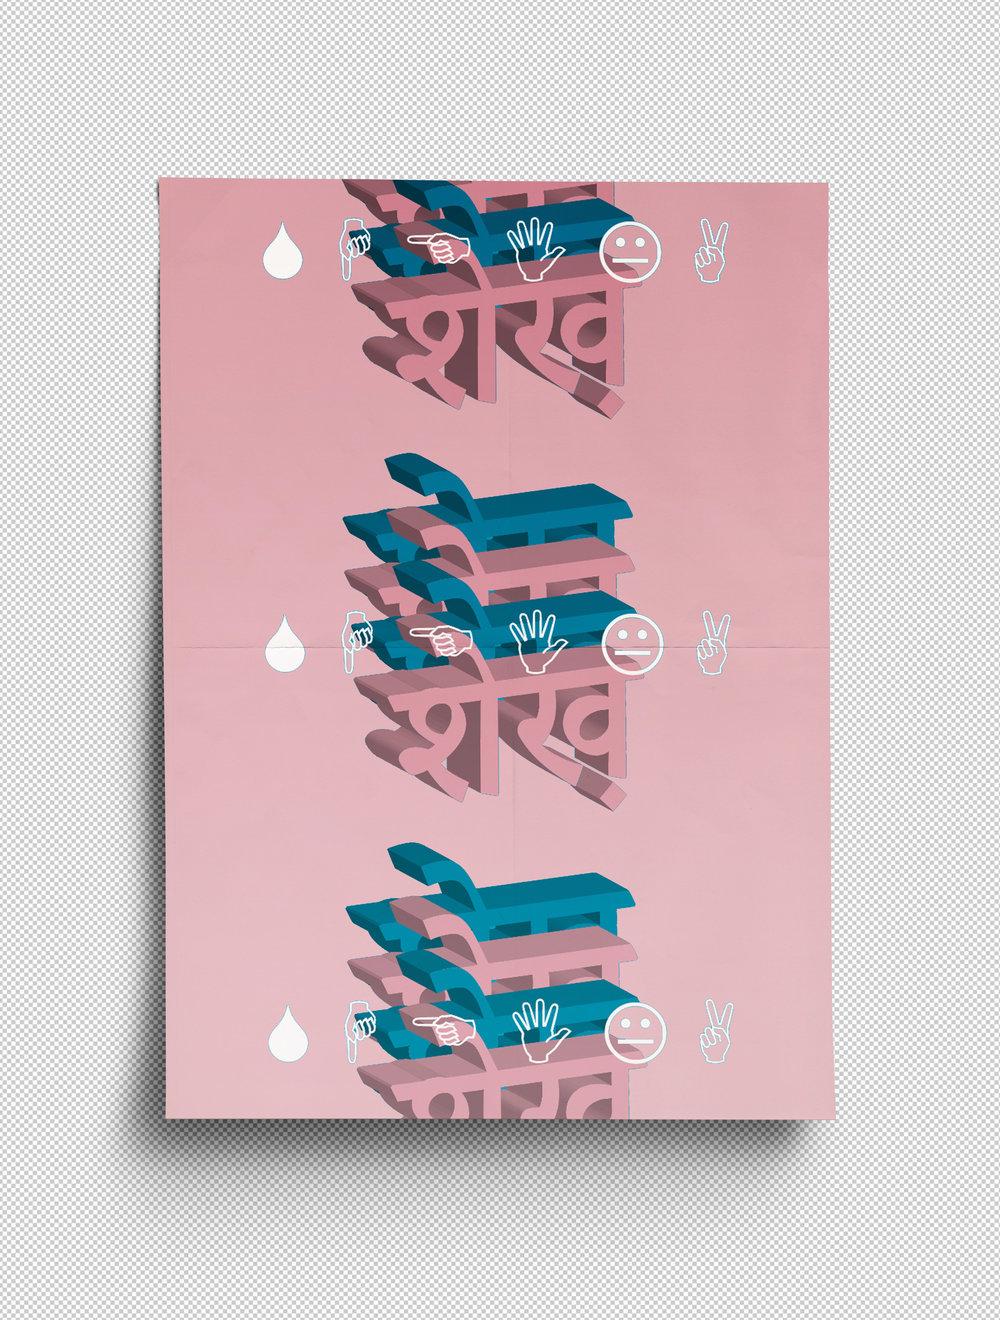 A3-Poster-Mockup sheika 2.jpg